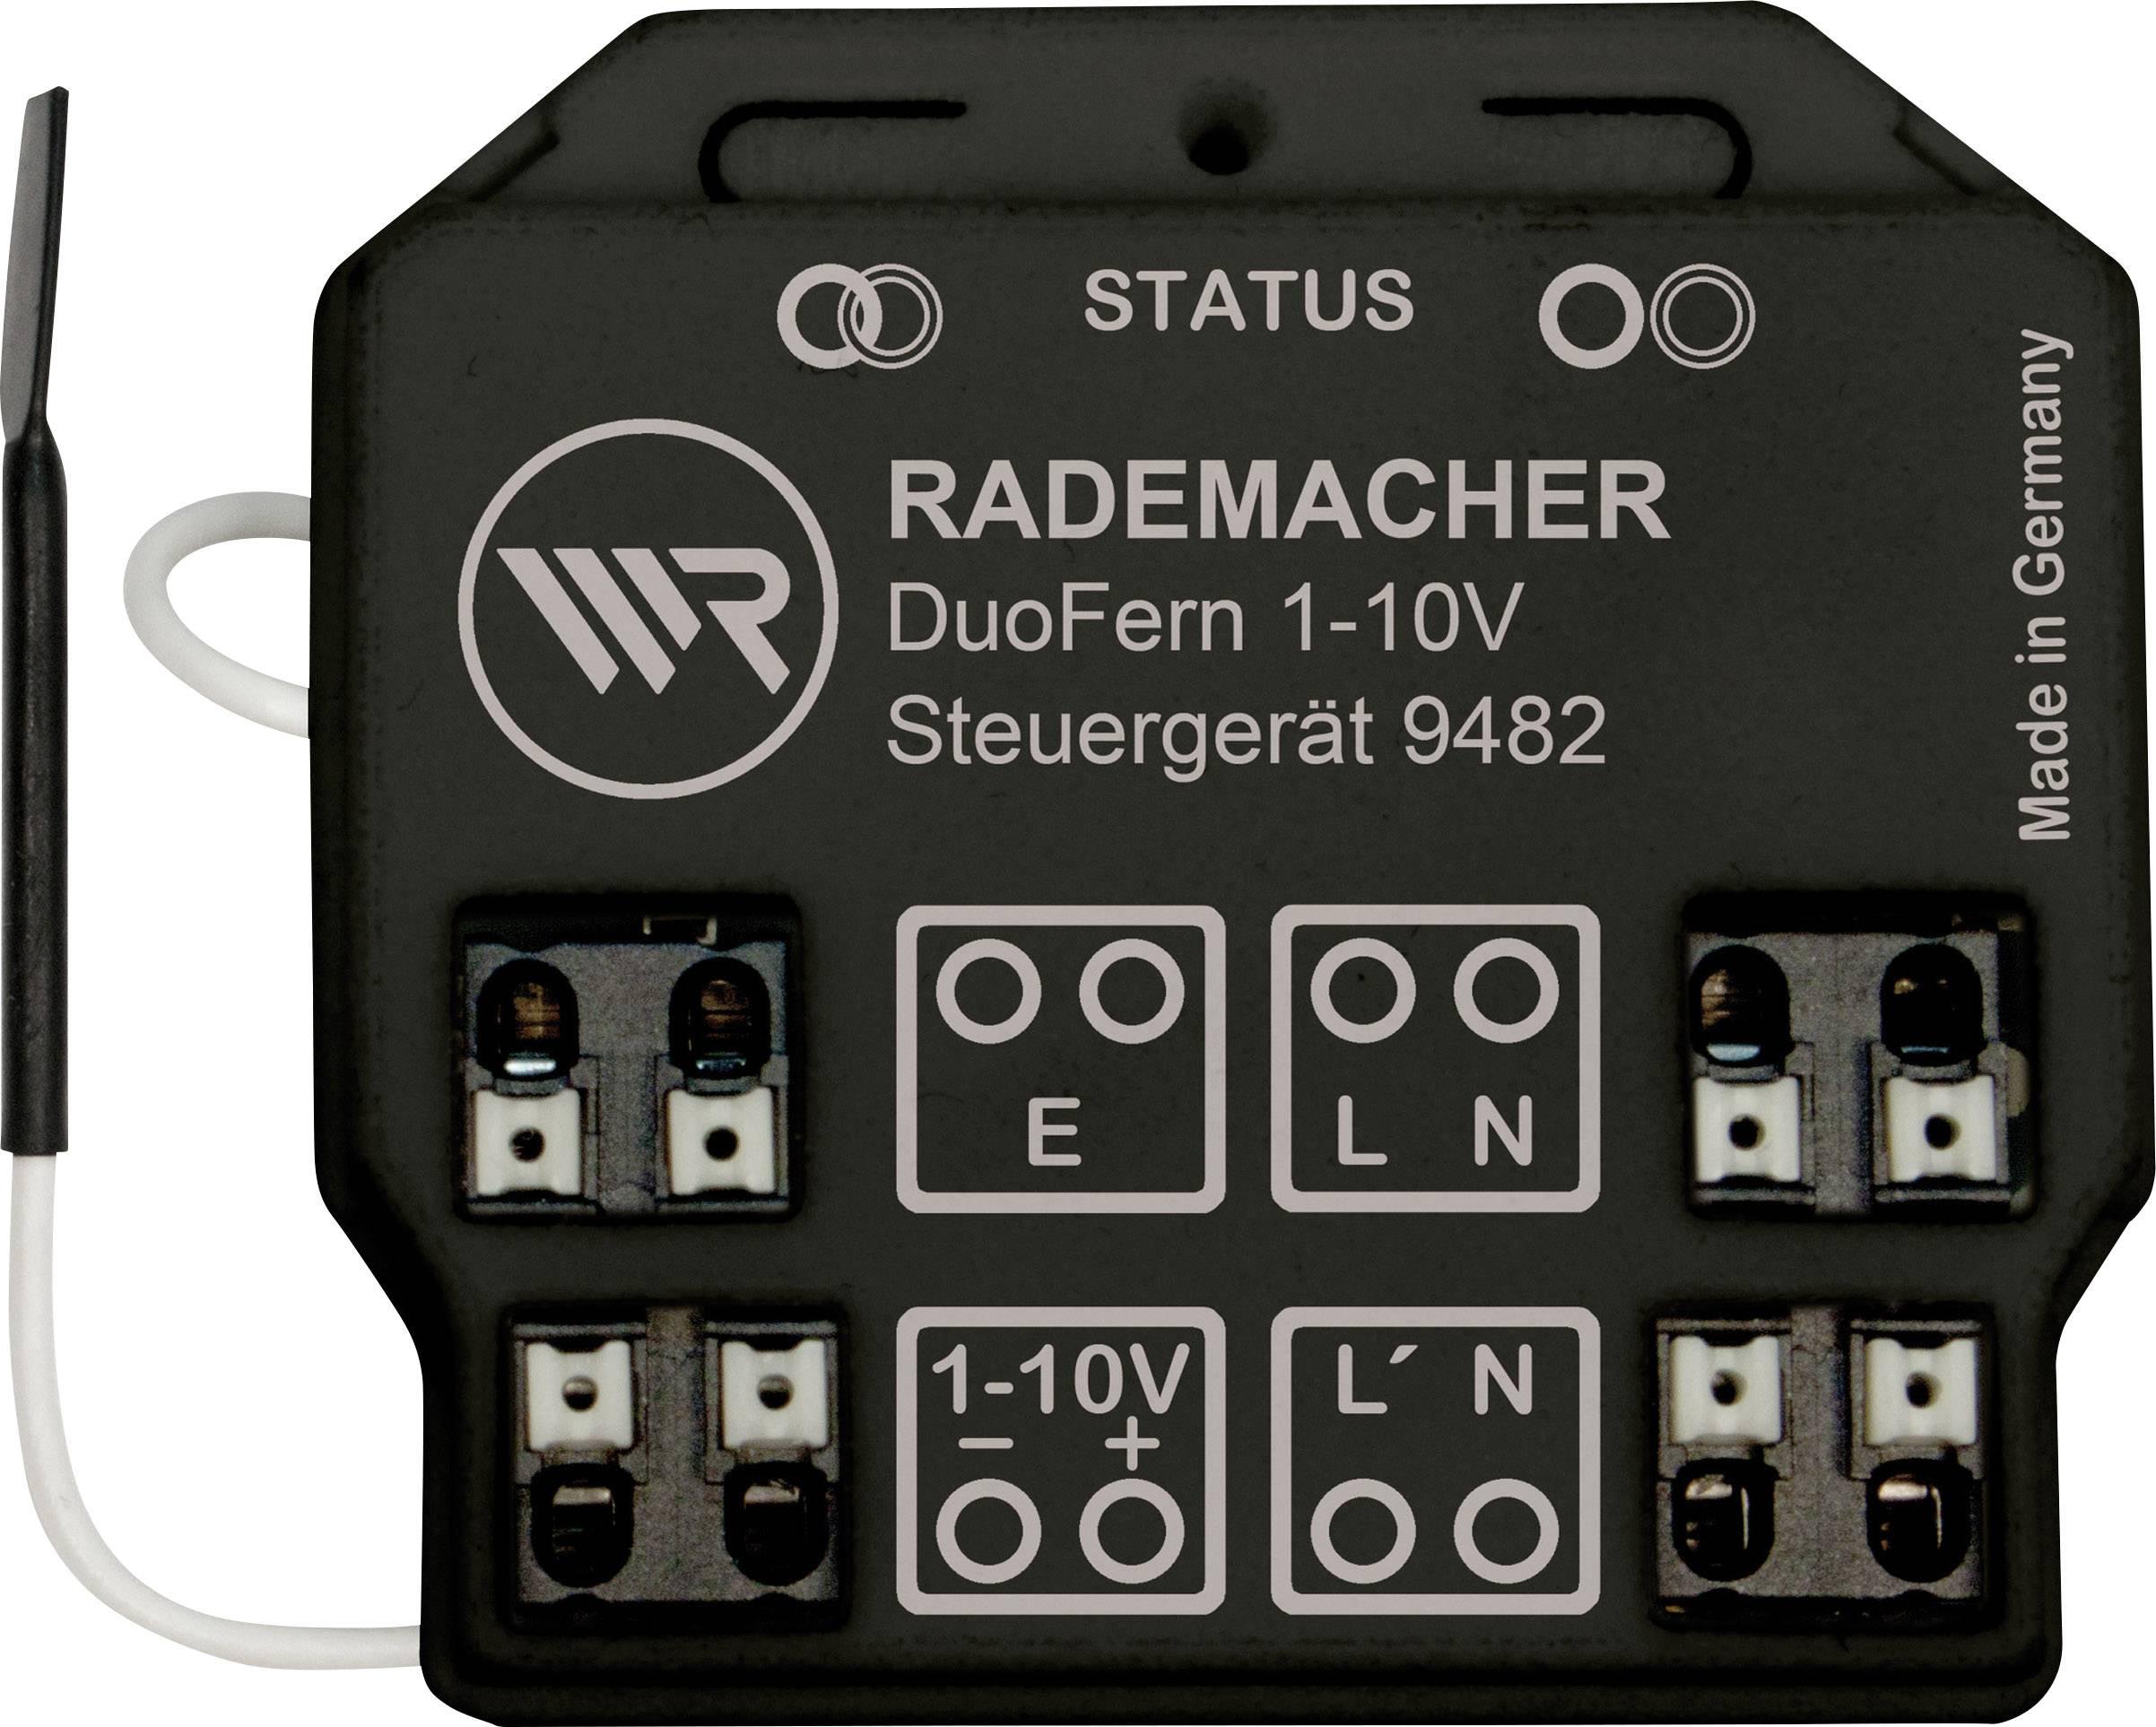 Bezdrôtový spínač WR Rademacher DuoFern Steuergerät 1-10V DuoFern 35001262, 1-kanálový